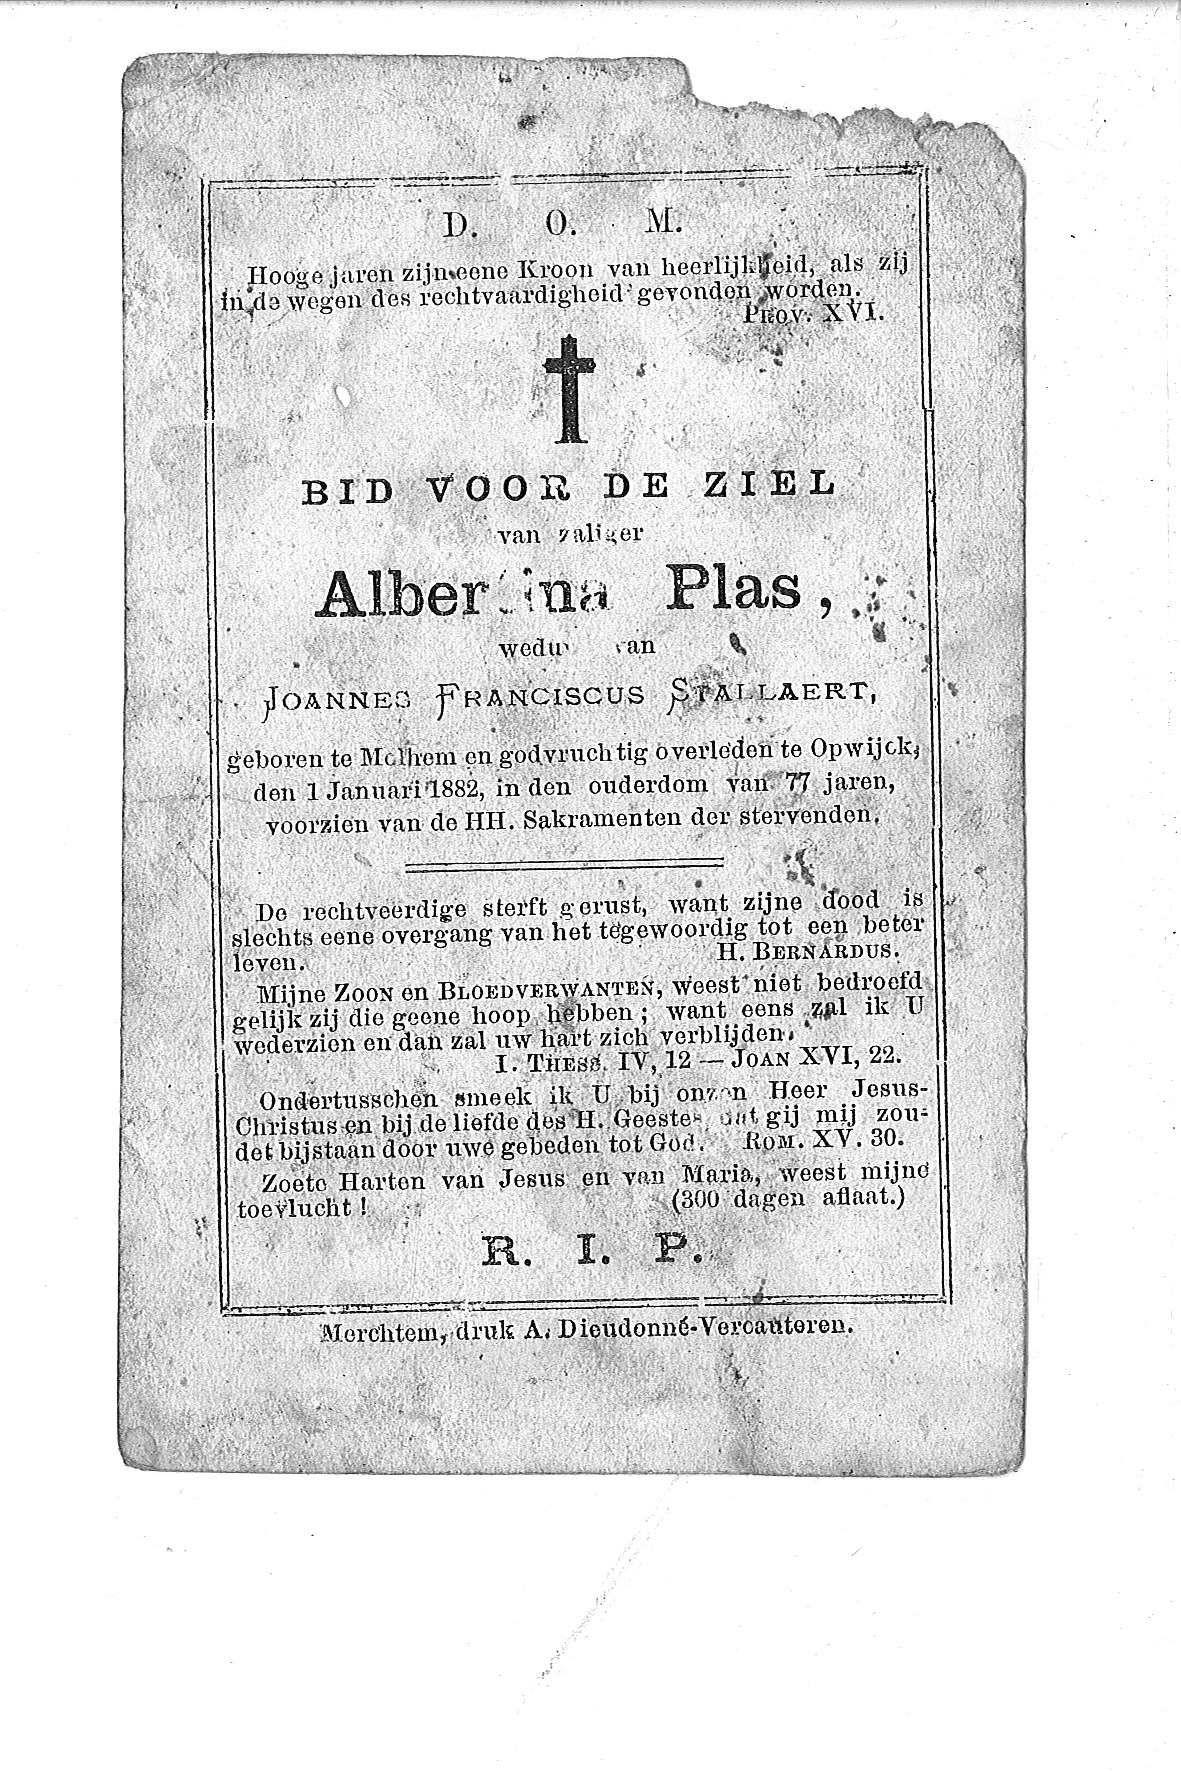 Albertine(1882)20100415131555_00004.jpg